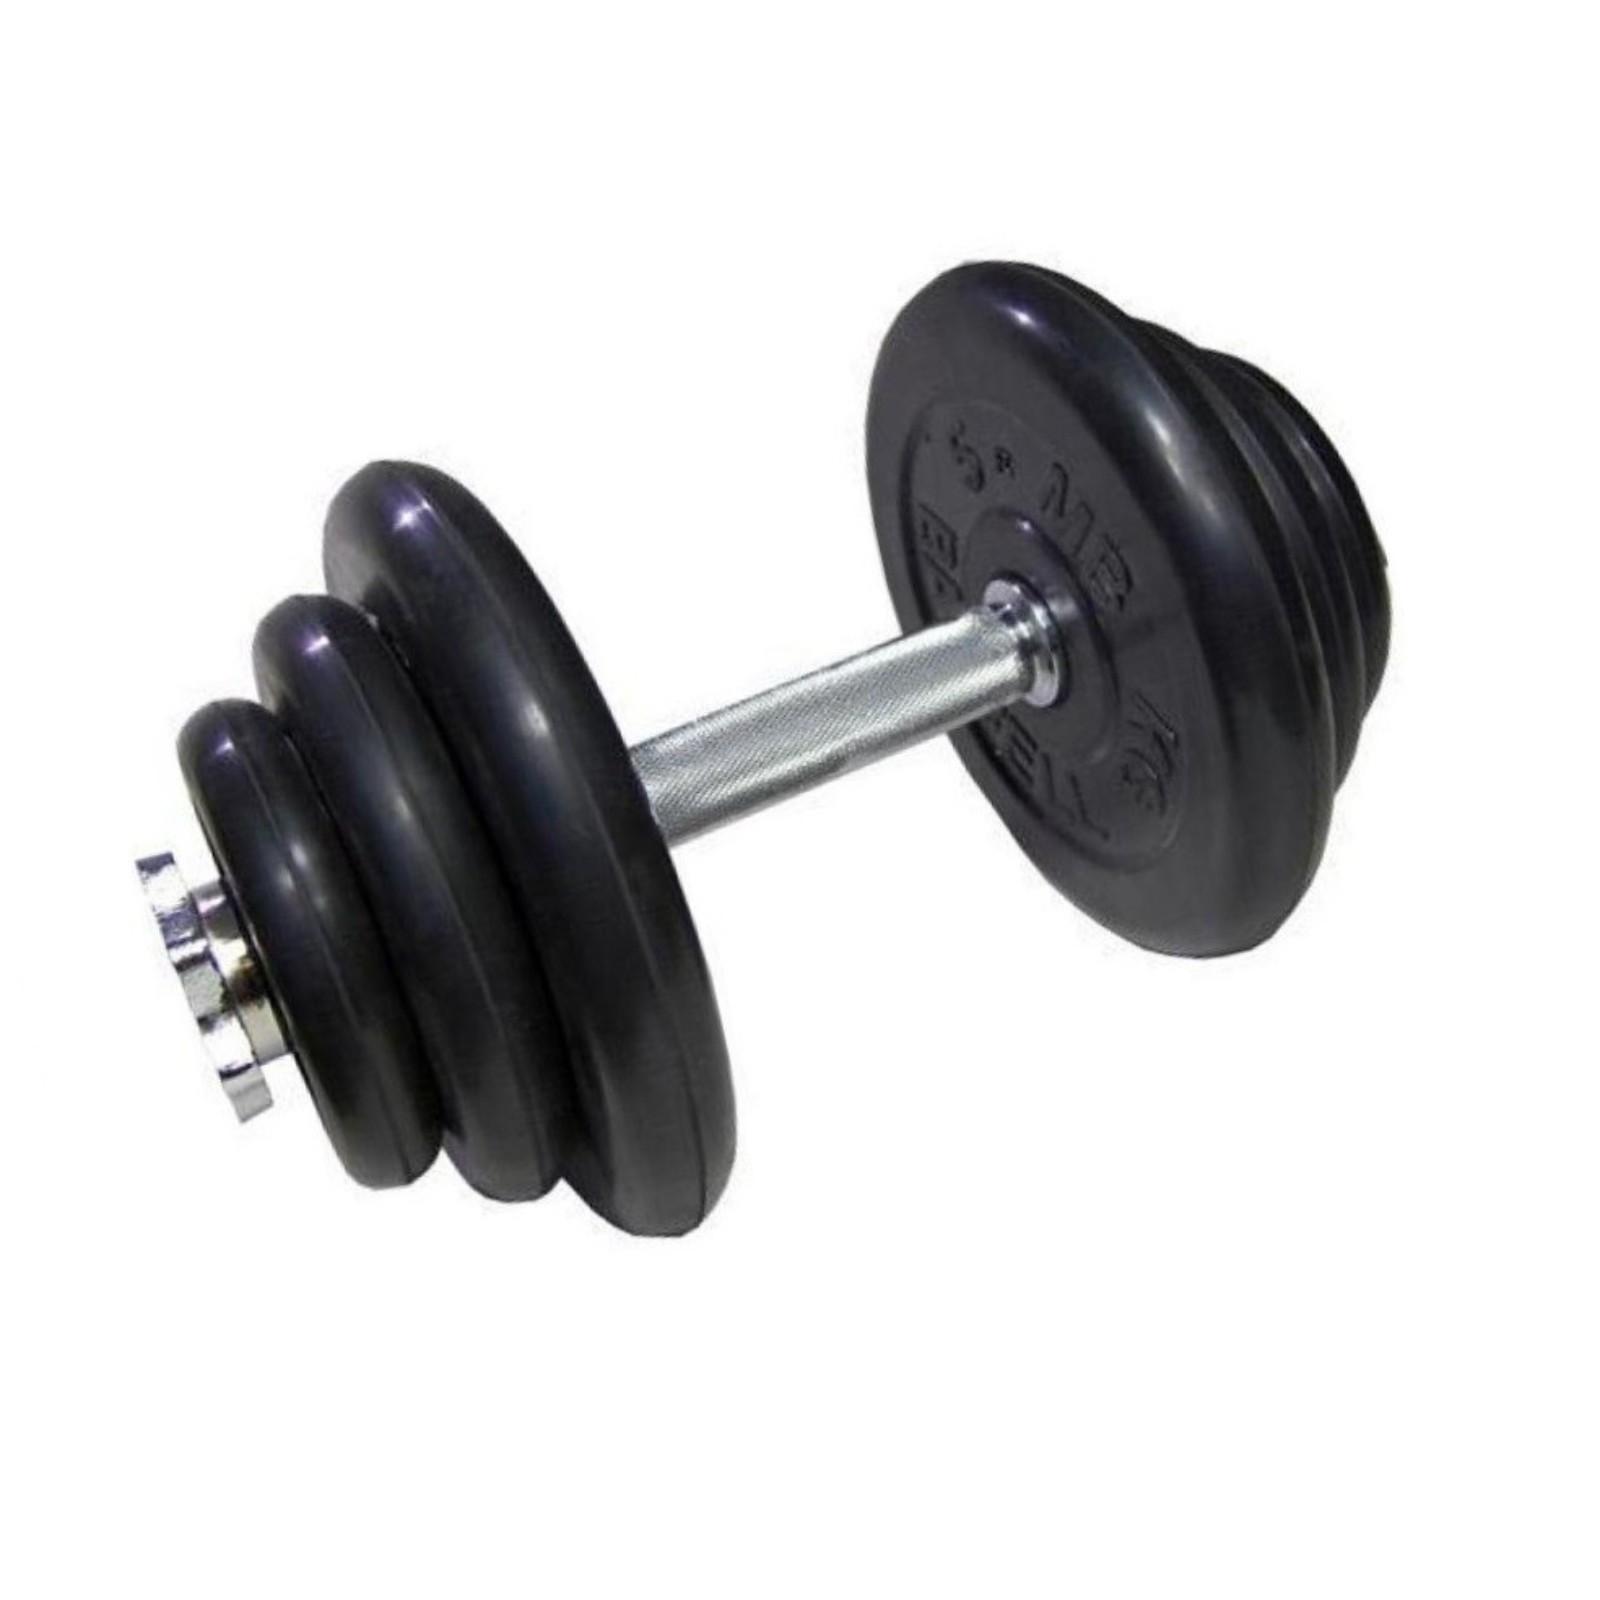 Гантель MB BARBELL Atlet, разборная, хромированный гриф, 20 кг, 1 шт гантели разборные starfit bb 501 в чемодане цвет серый металлик 10 кг 2 шт